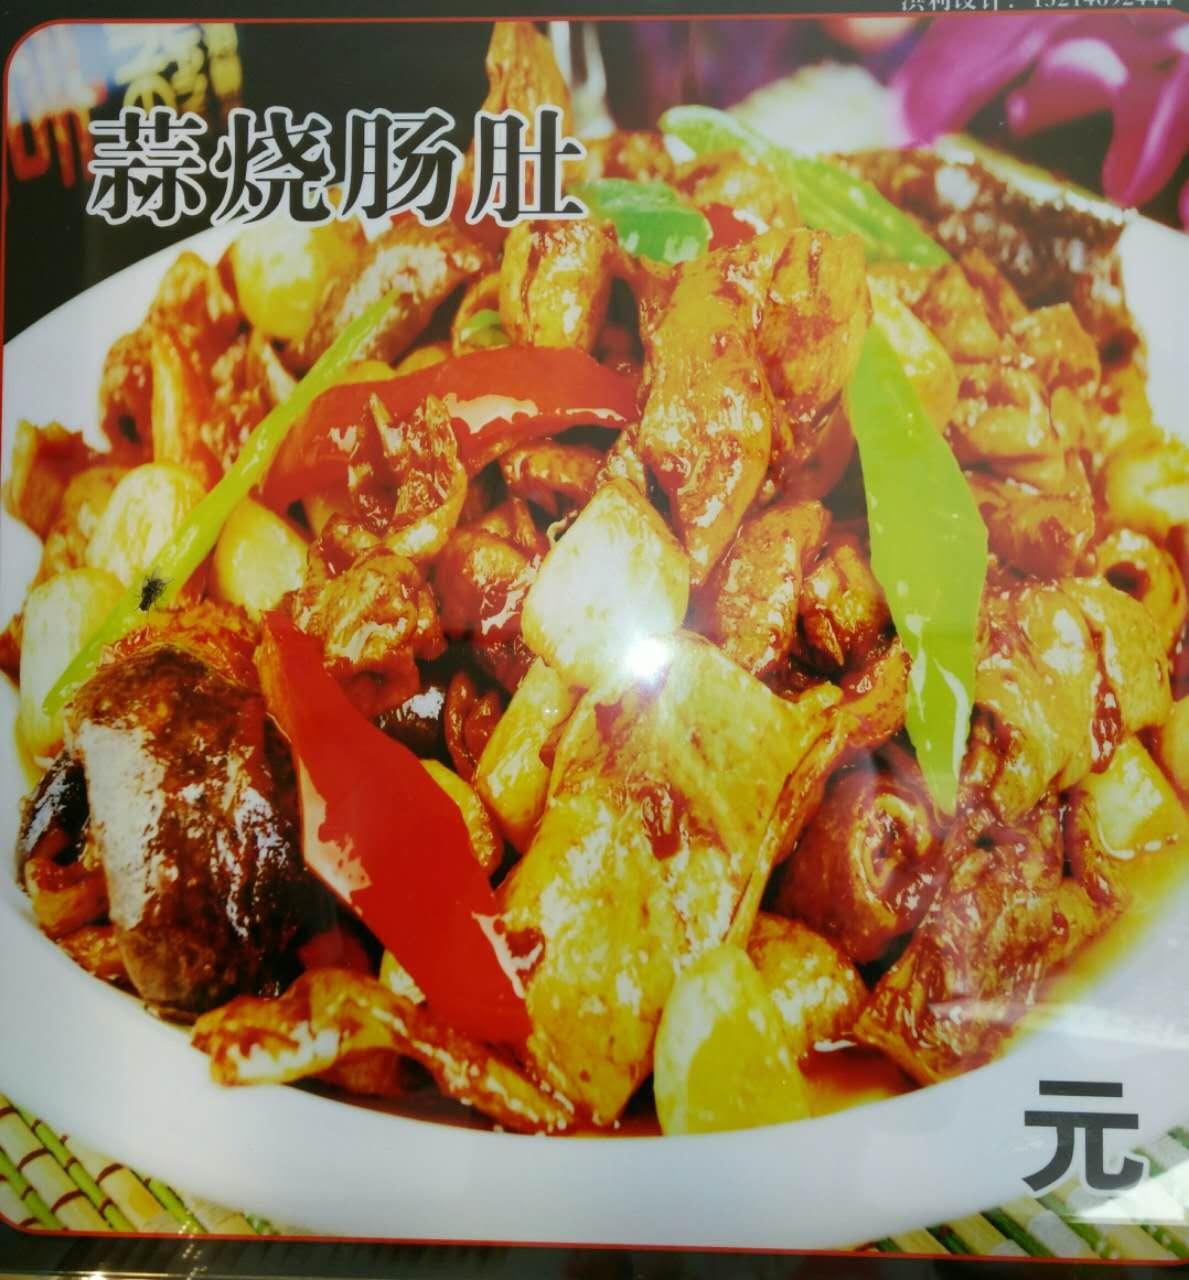 16蒜烧肠肚-溢香缘饺子馆